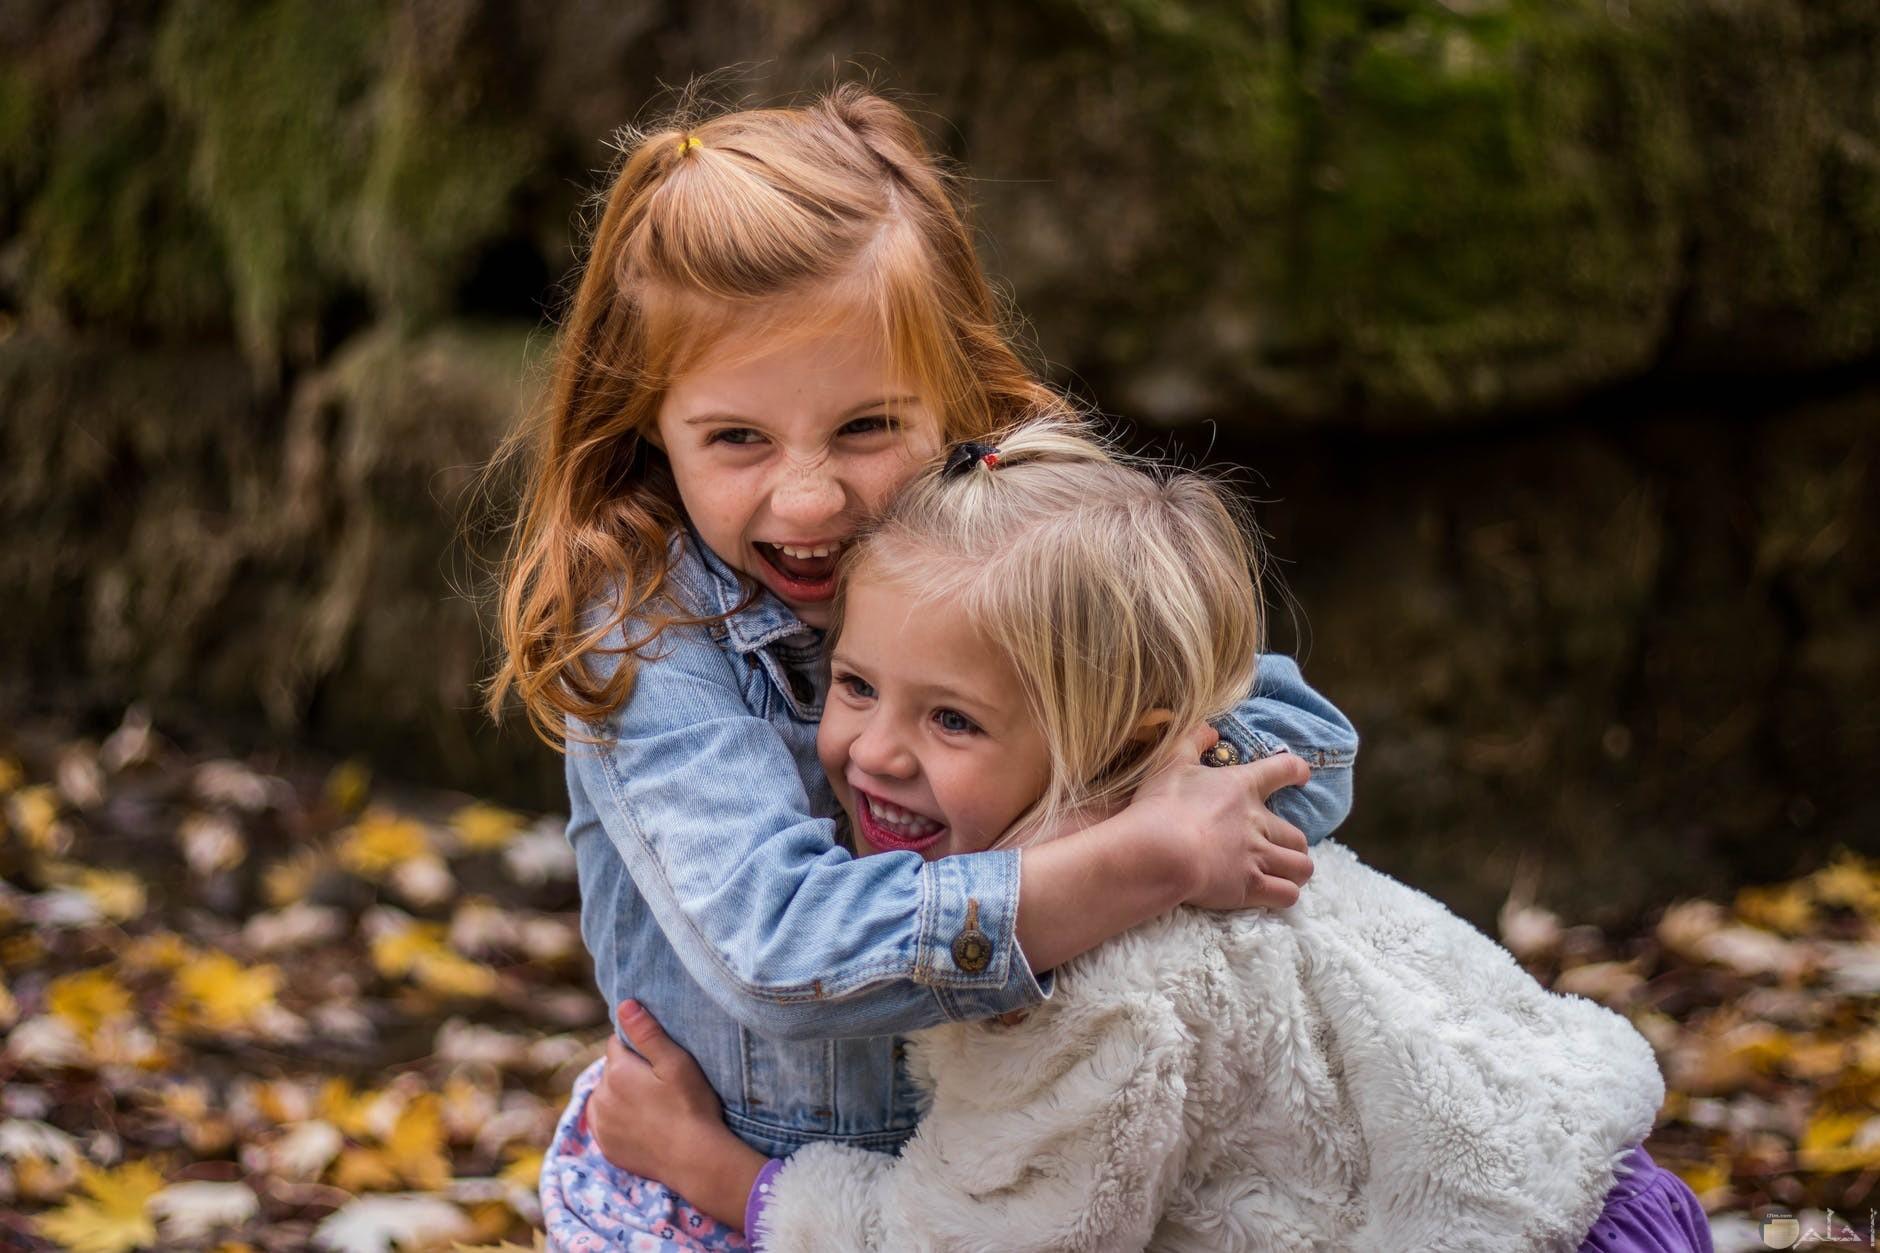 صورة اطفال يلعبون في سعادة